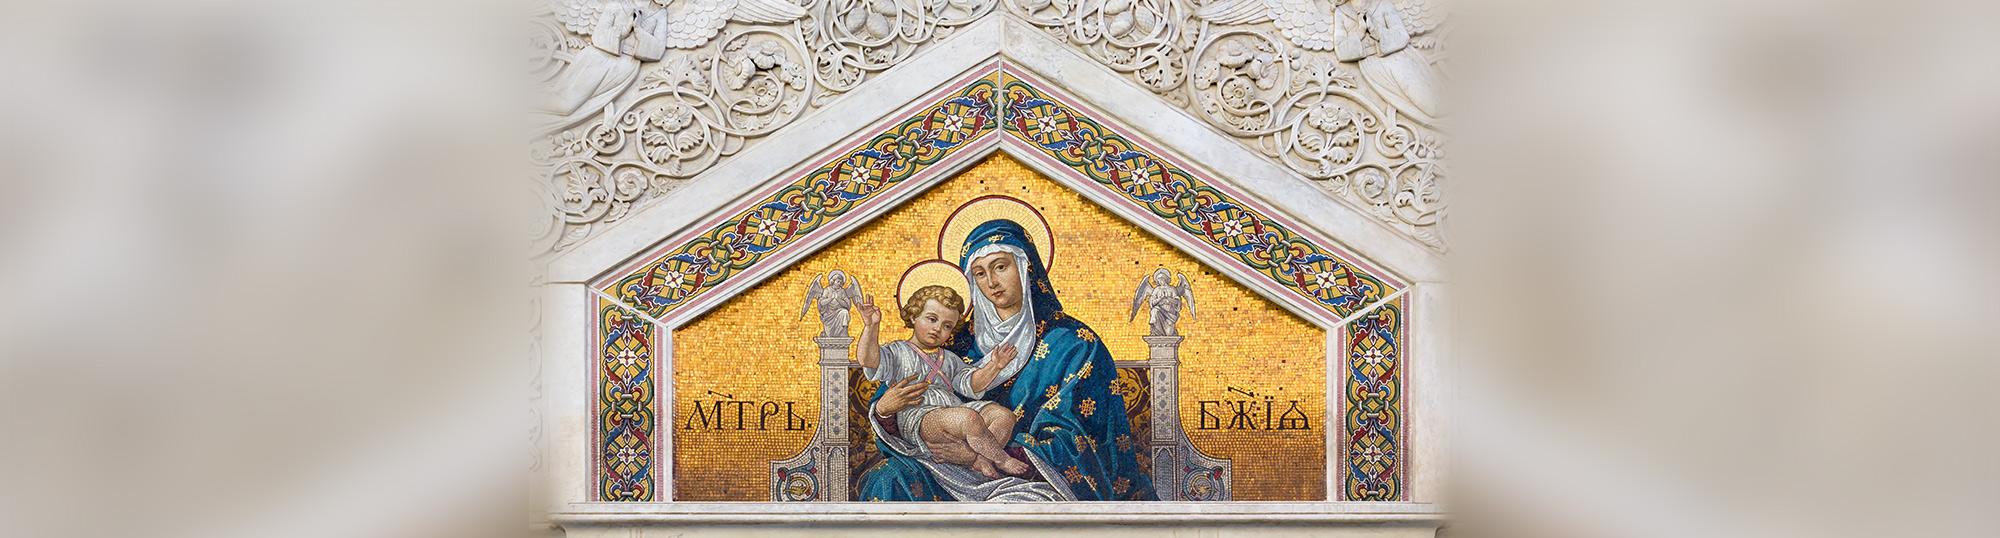 mosaic on St Spyridon orthodox church in Trieste